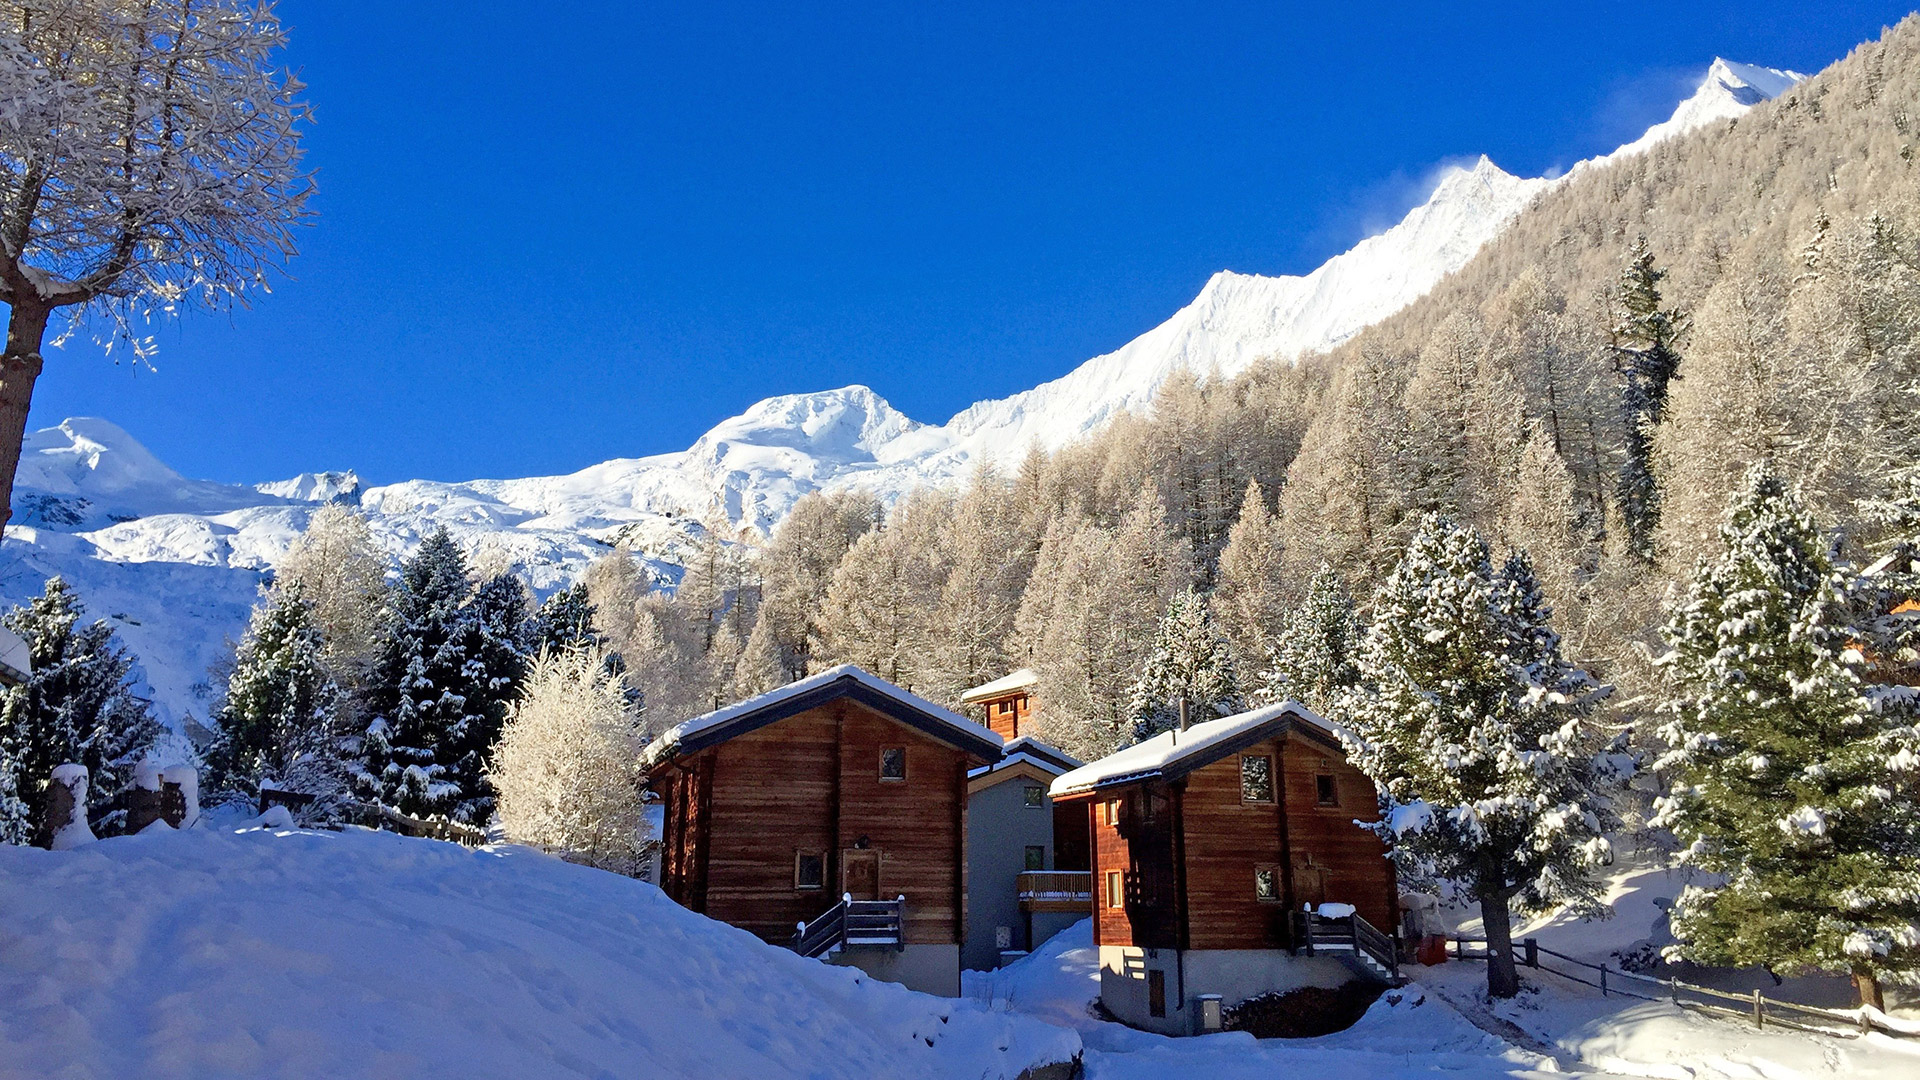 Chalet Nonna Chalet, Switzerland